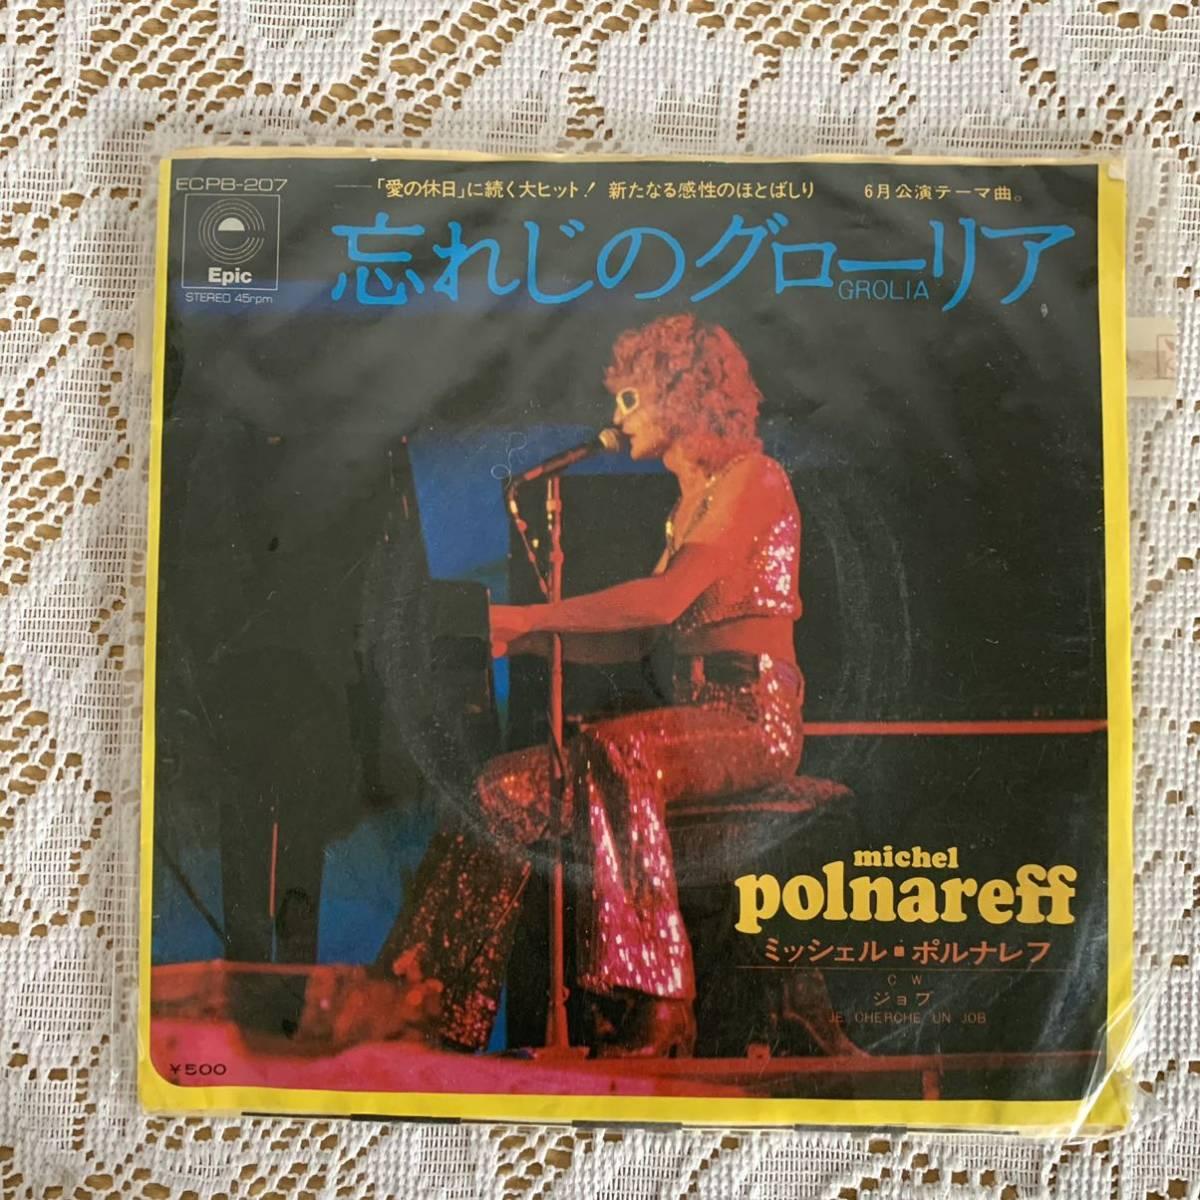 EPレコード 『忘れじのグローリア』ミッシェル・ポルナレフ